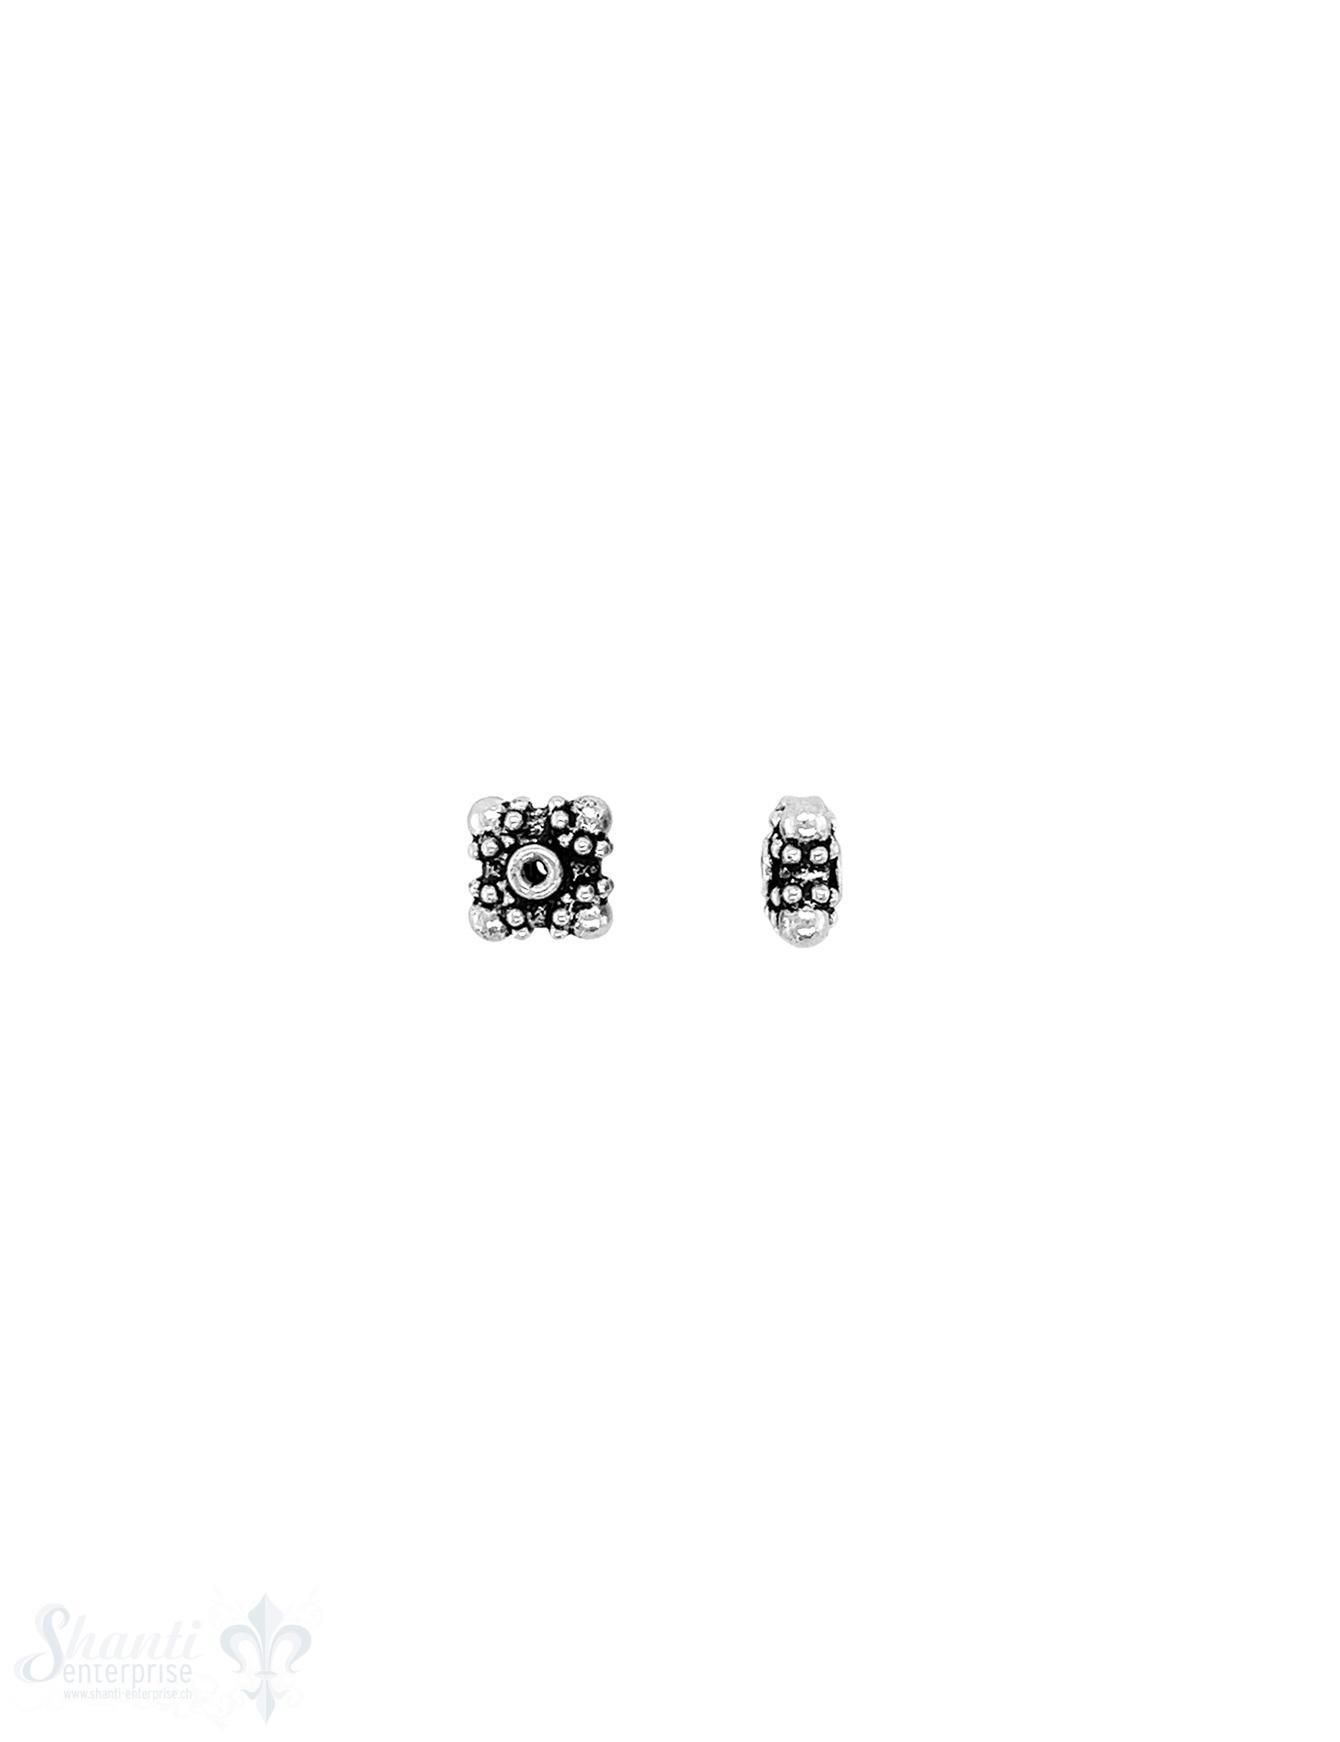 quadratisches Element 7x7x3 mm  gepunktet in den